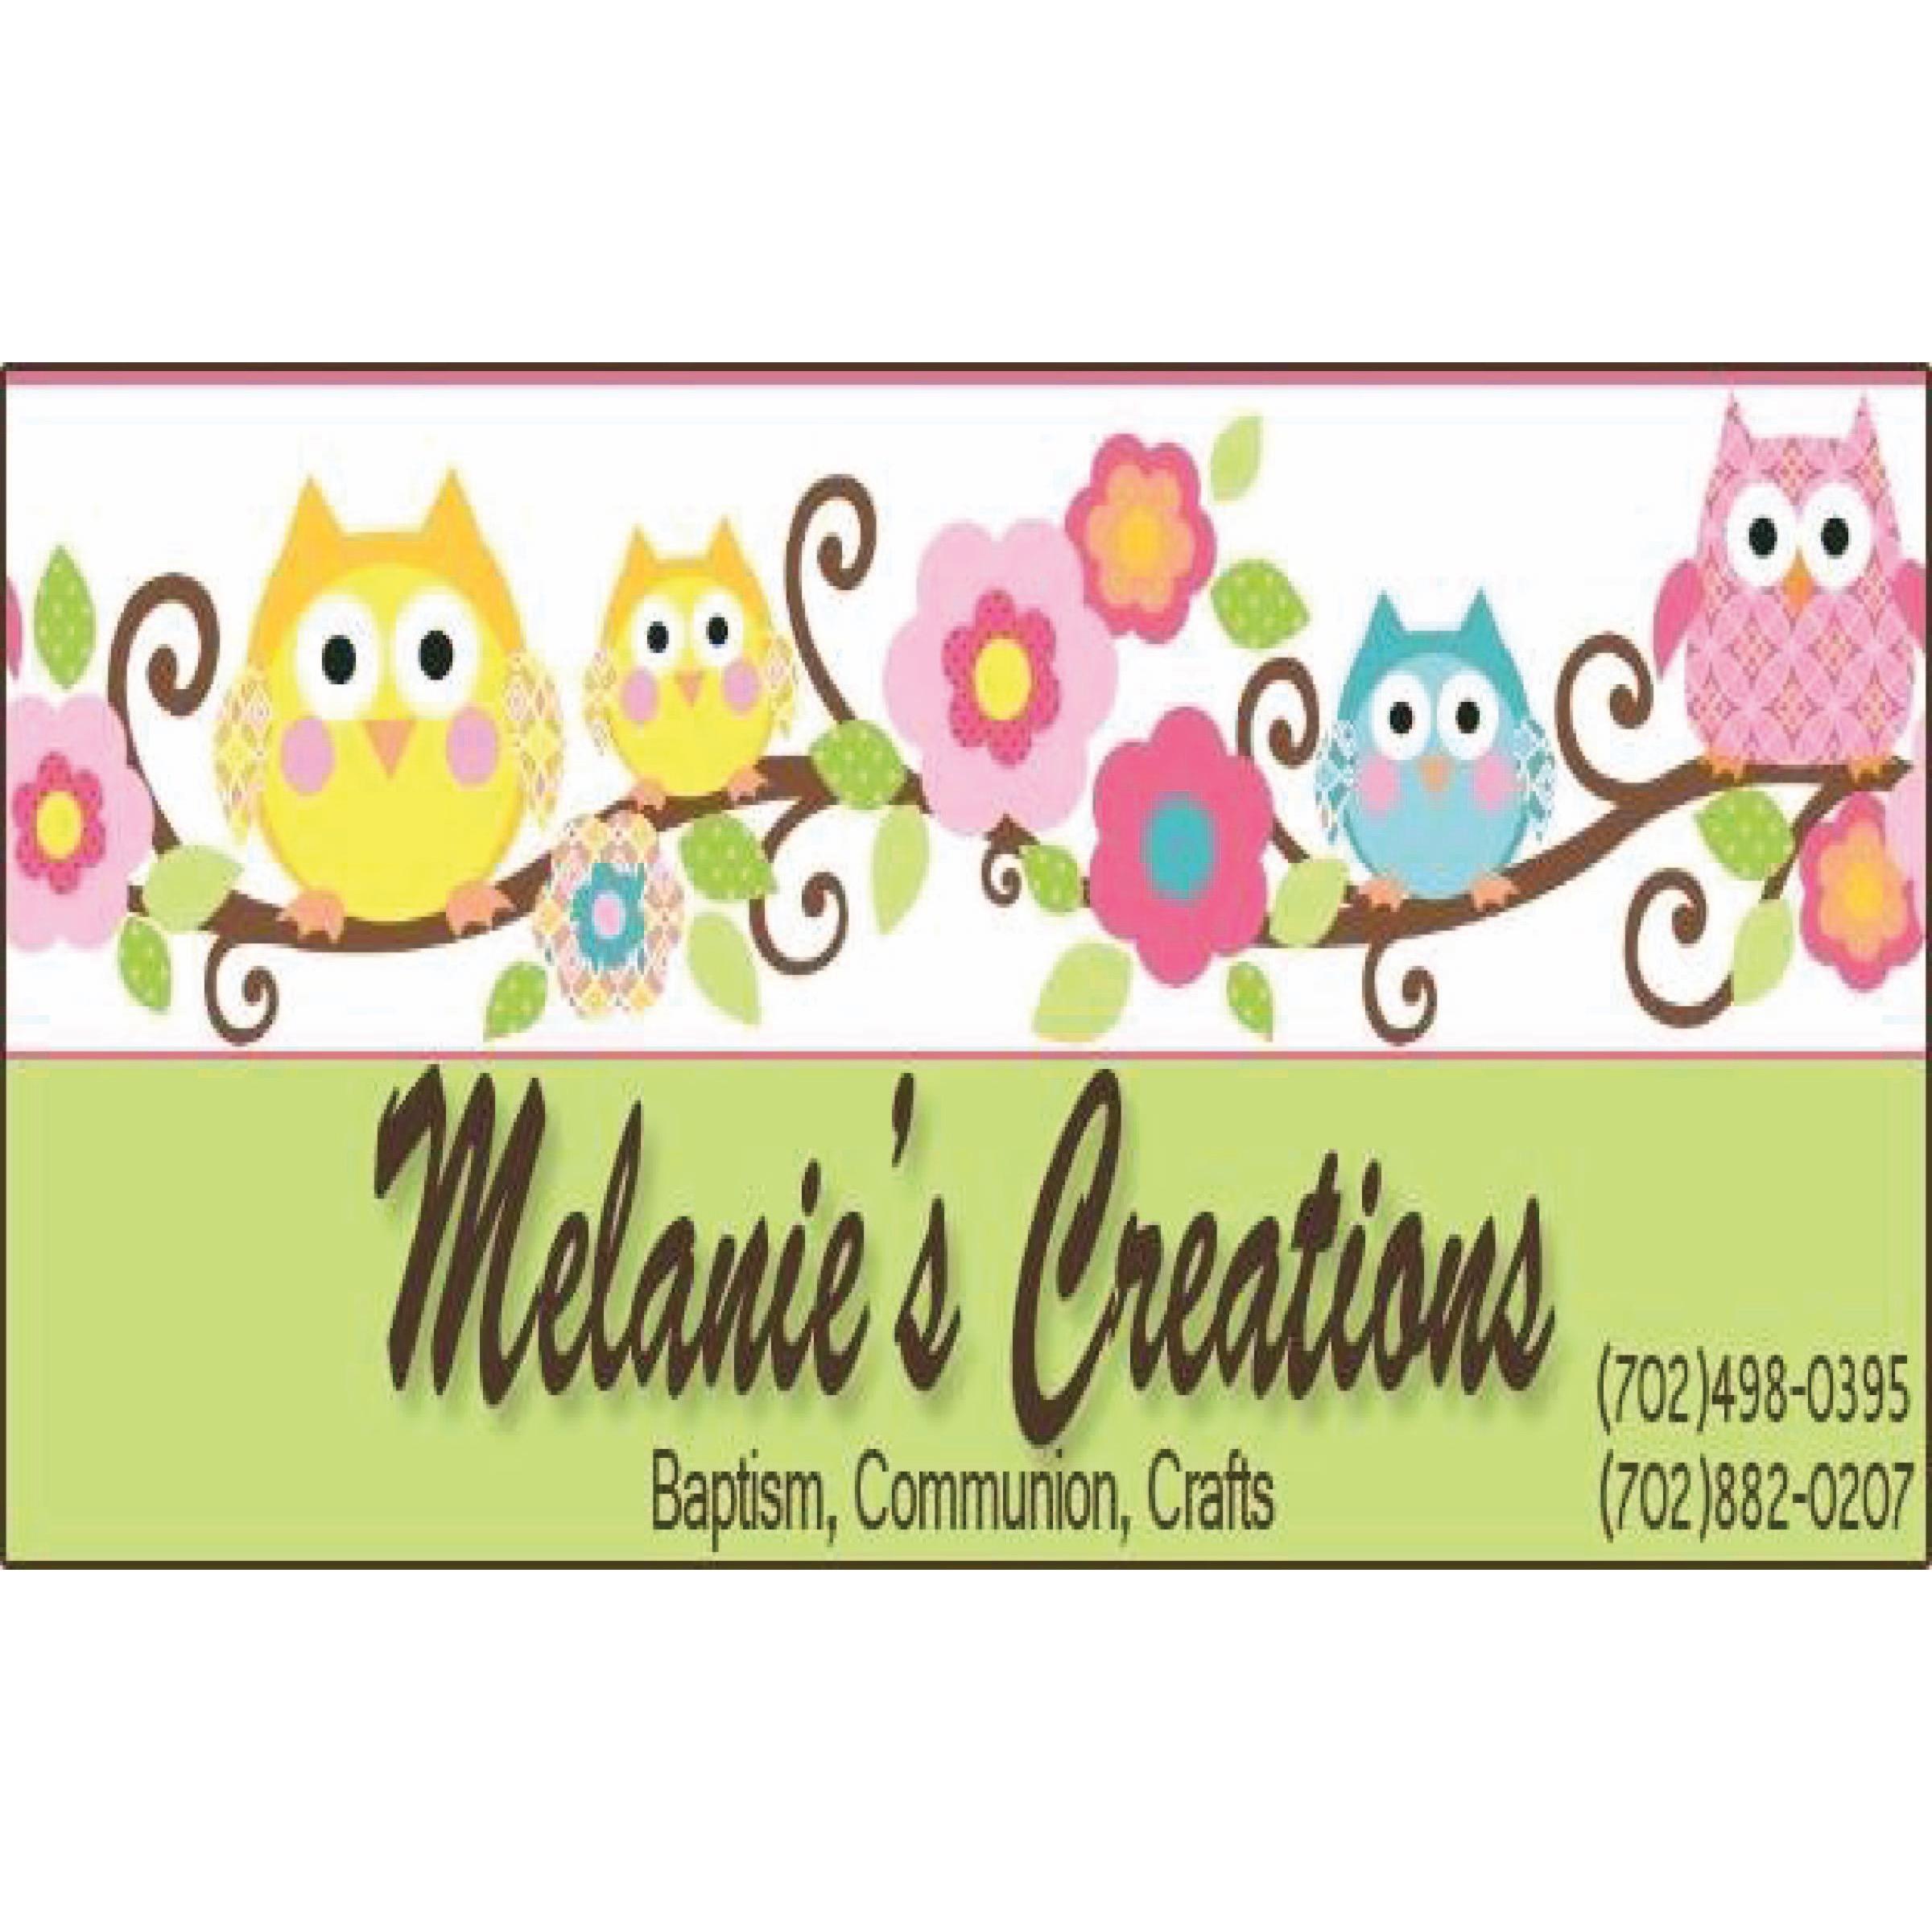 Melanies Creations